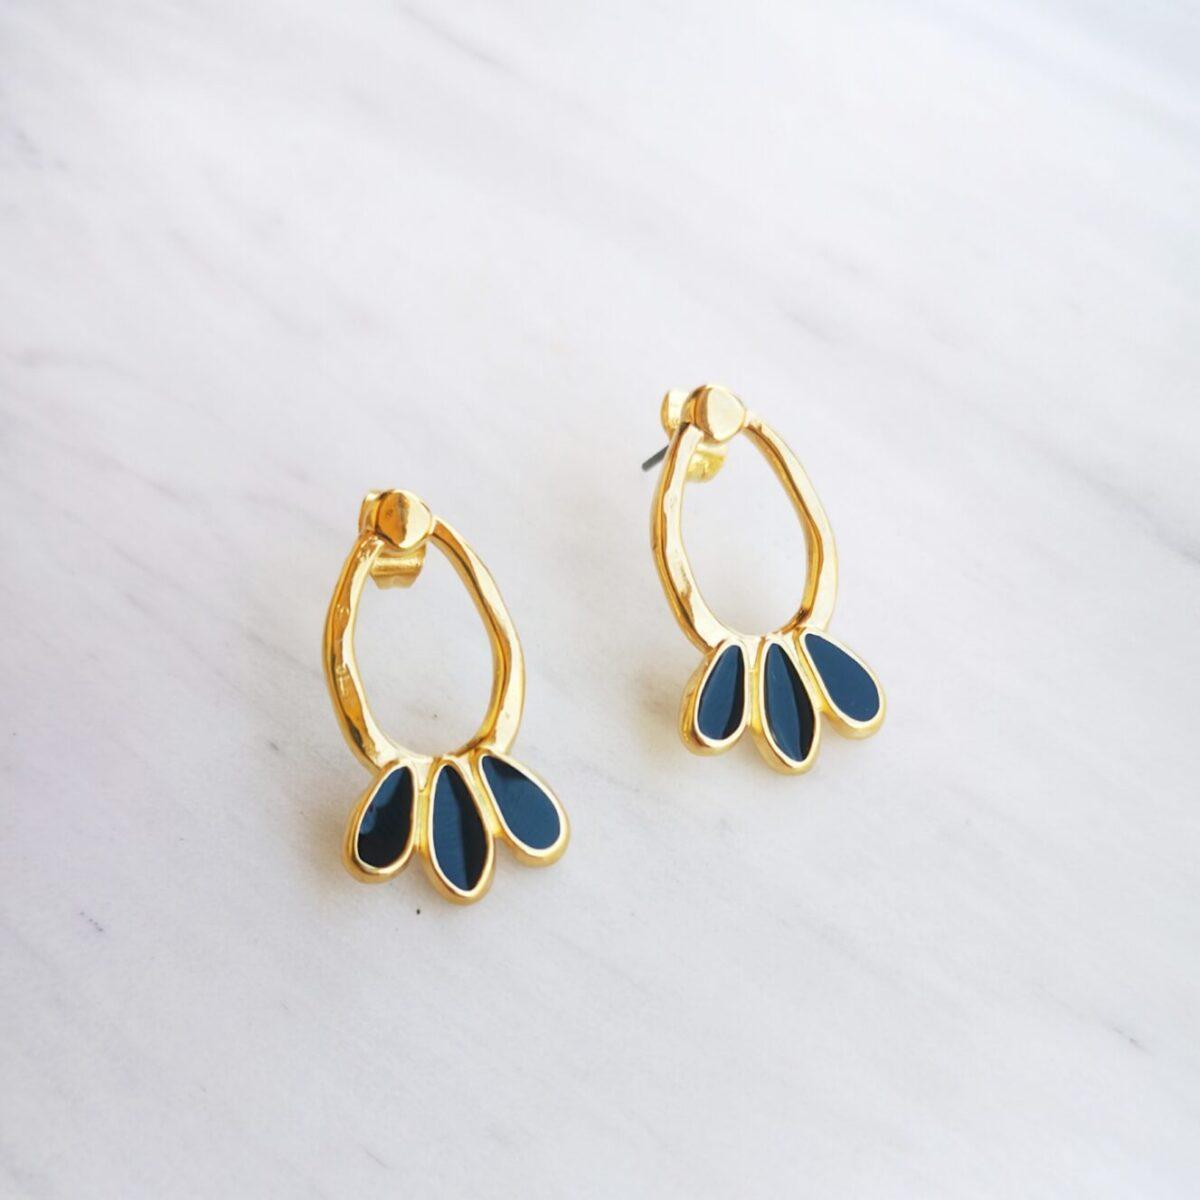 Σκουλαρίκια χρυσά με μαύρο σμάλτο